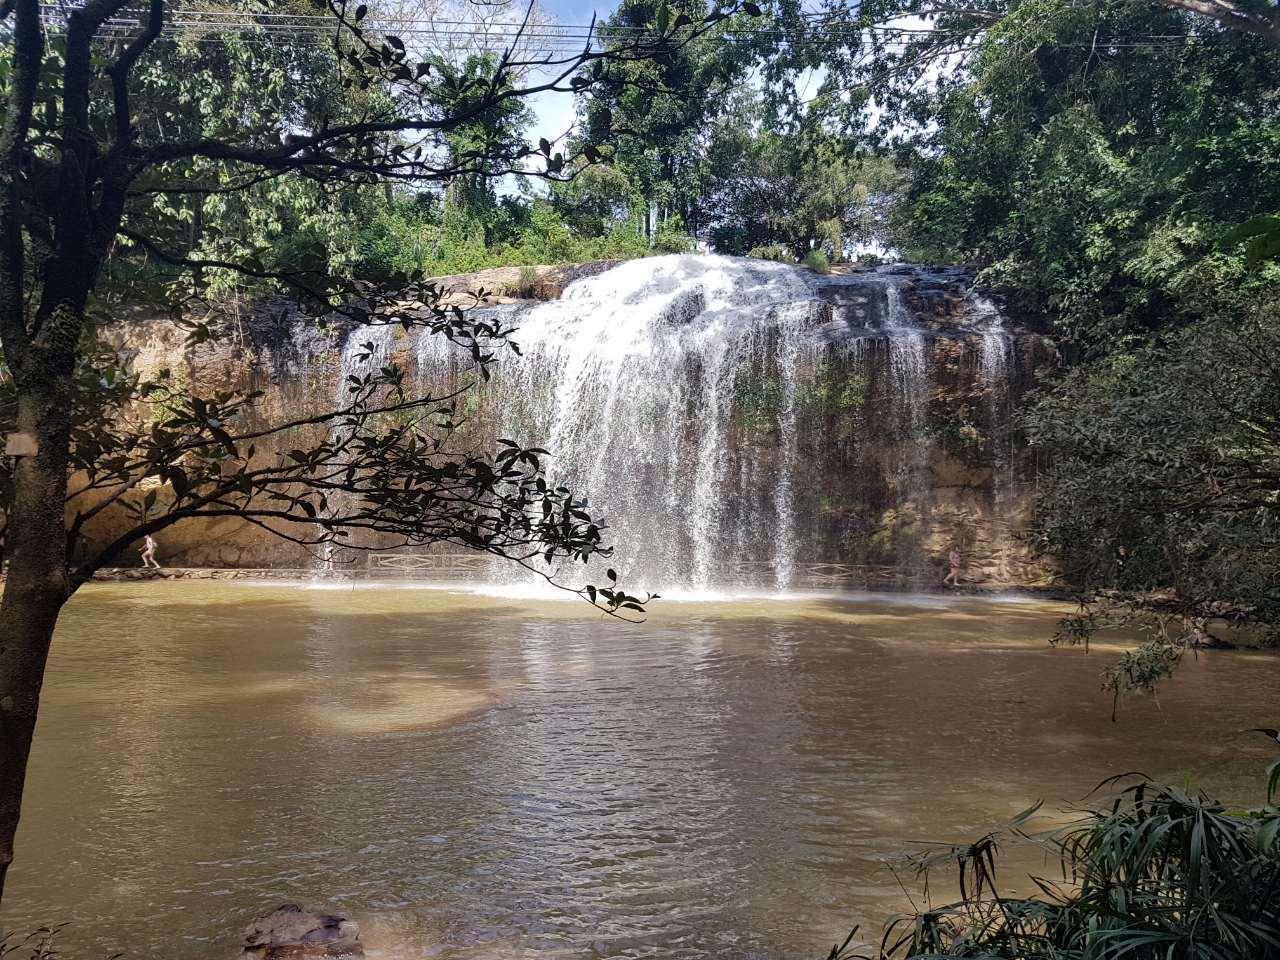 Водопад в парке. Можно погулять под ним. А вообще наверное не стоит ехать в такую экскурсию. Лучше во Вьетнаме везде самому передвигаться. Главное попрактикуйтесь на байках кататься.